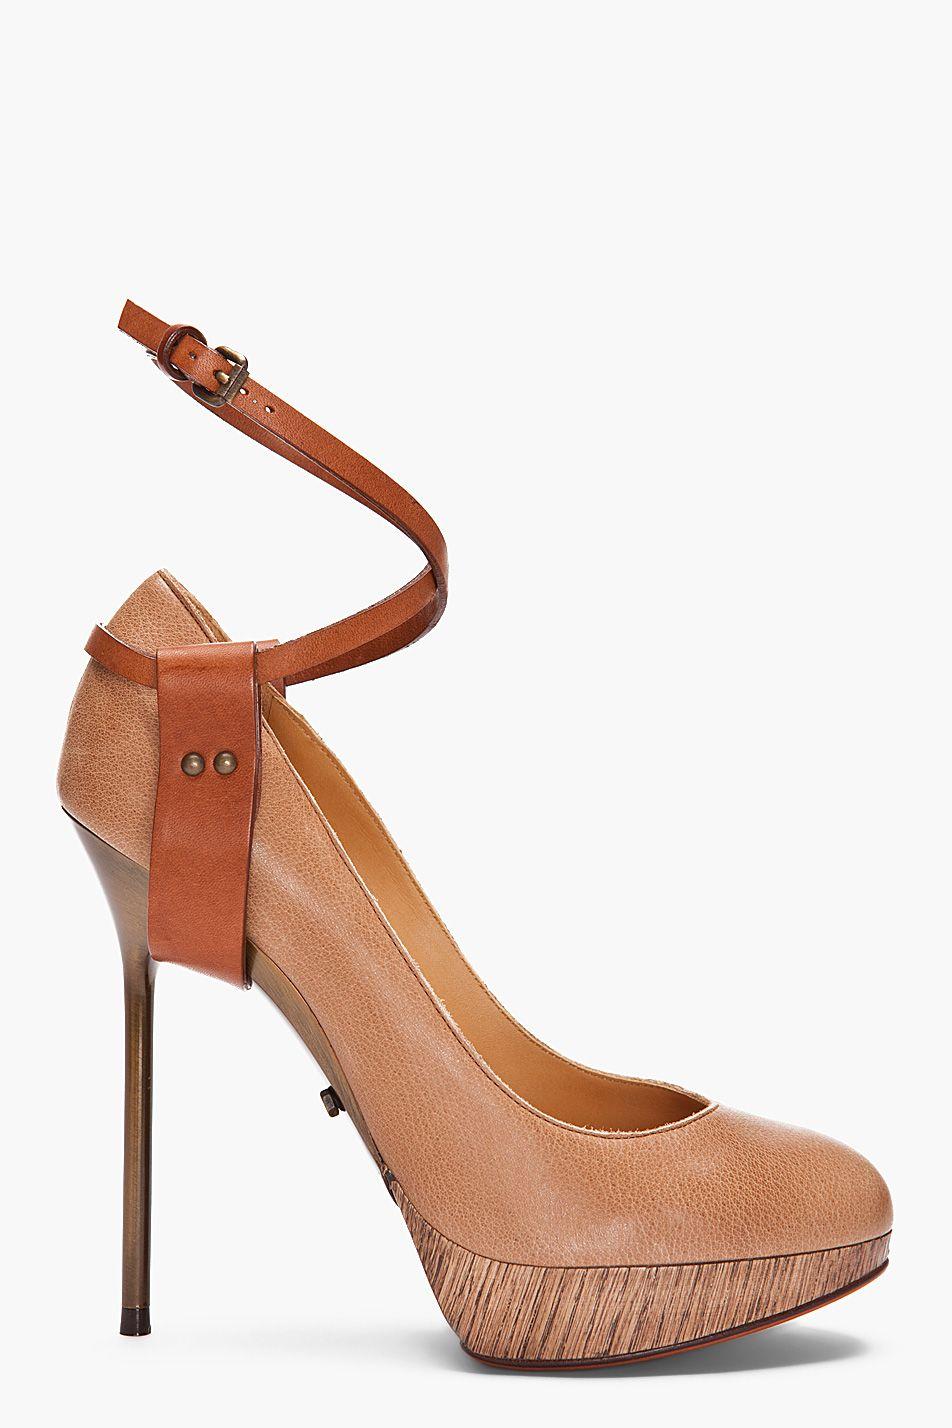 Lanvin - Ankle Strap Pumps / Heels